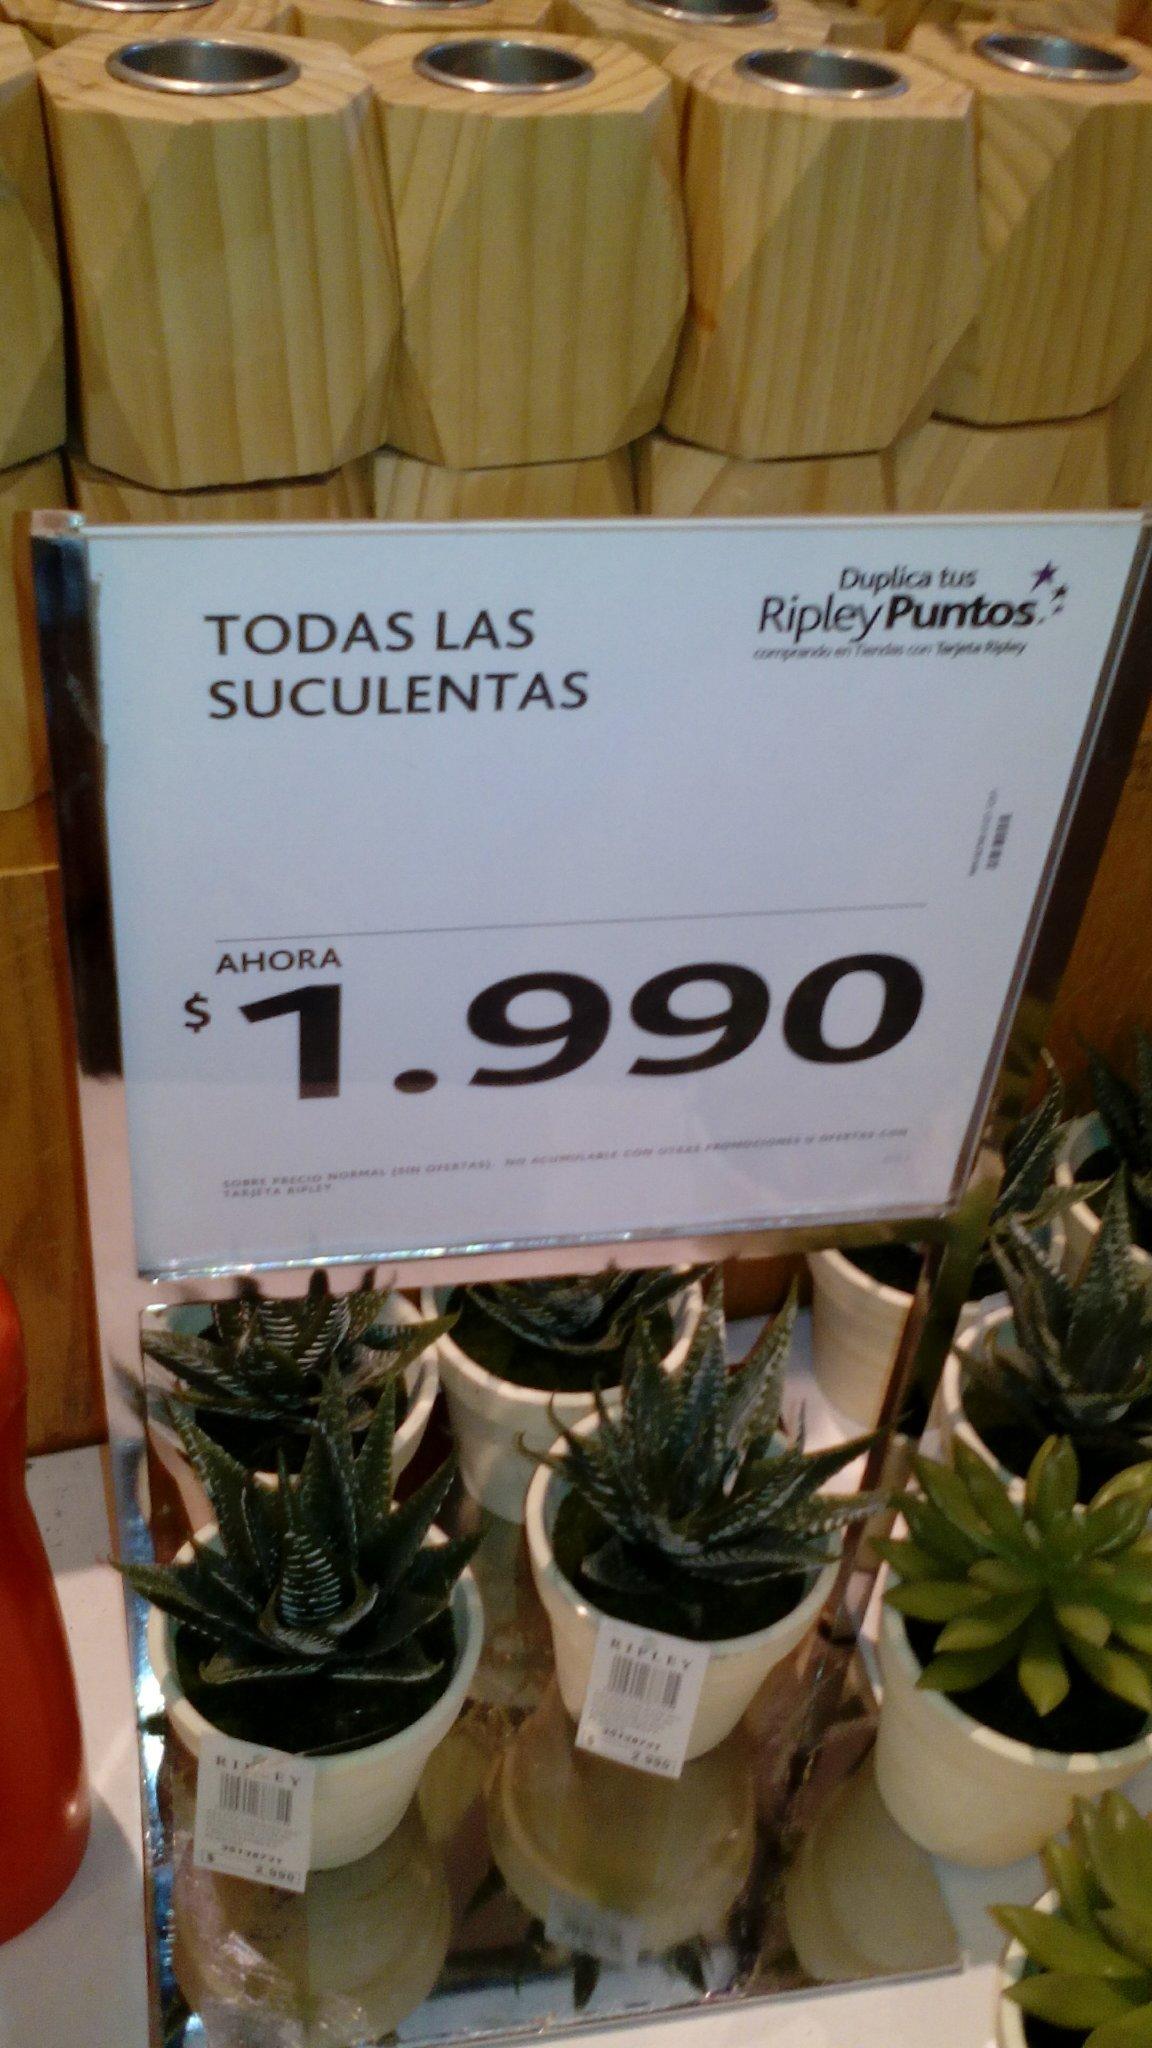 Las plantas tambien son suculentas - meme